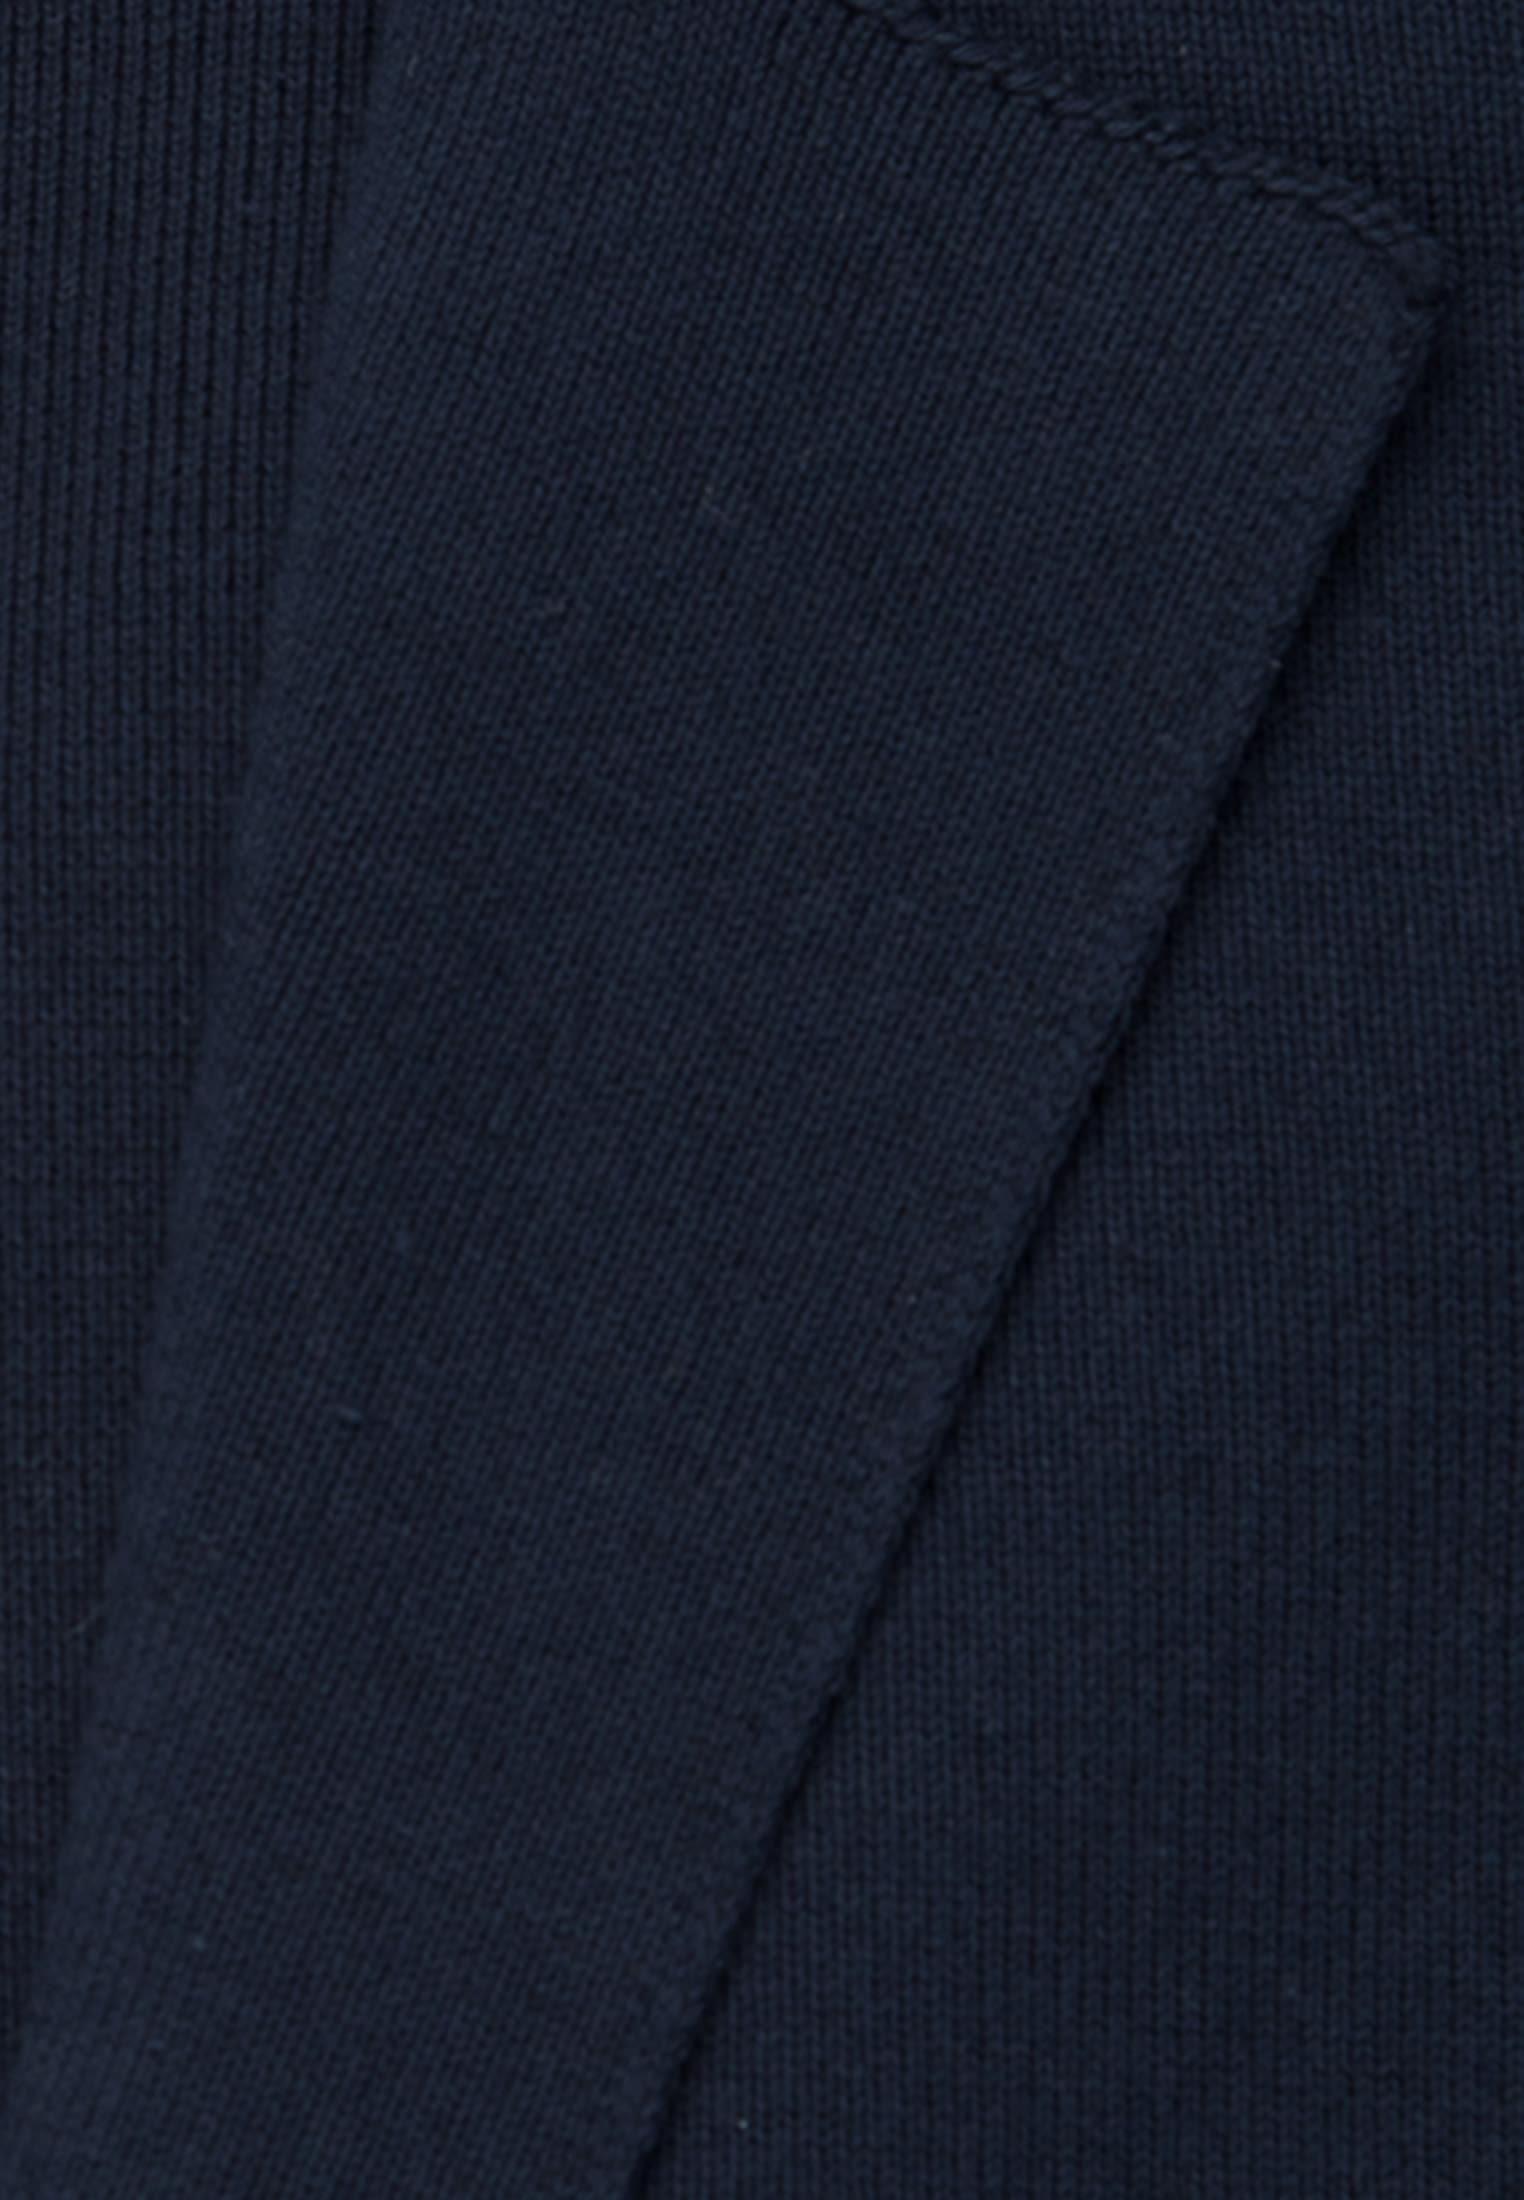 Sakko aus 100% Baumwolle in Dunkelblau |  Seidensticker Onlineshop